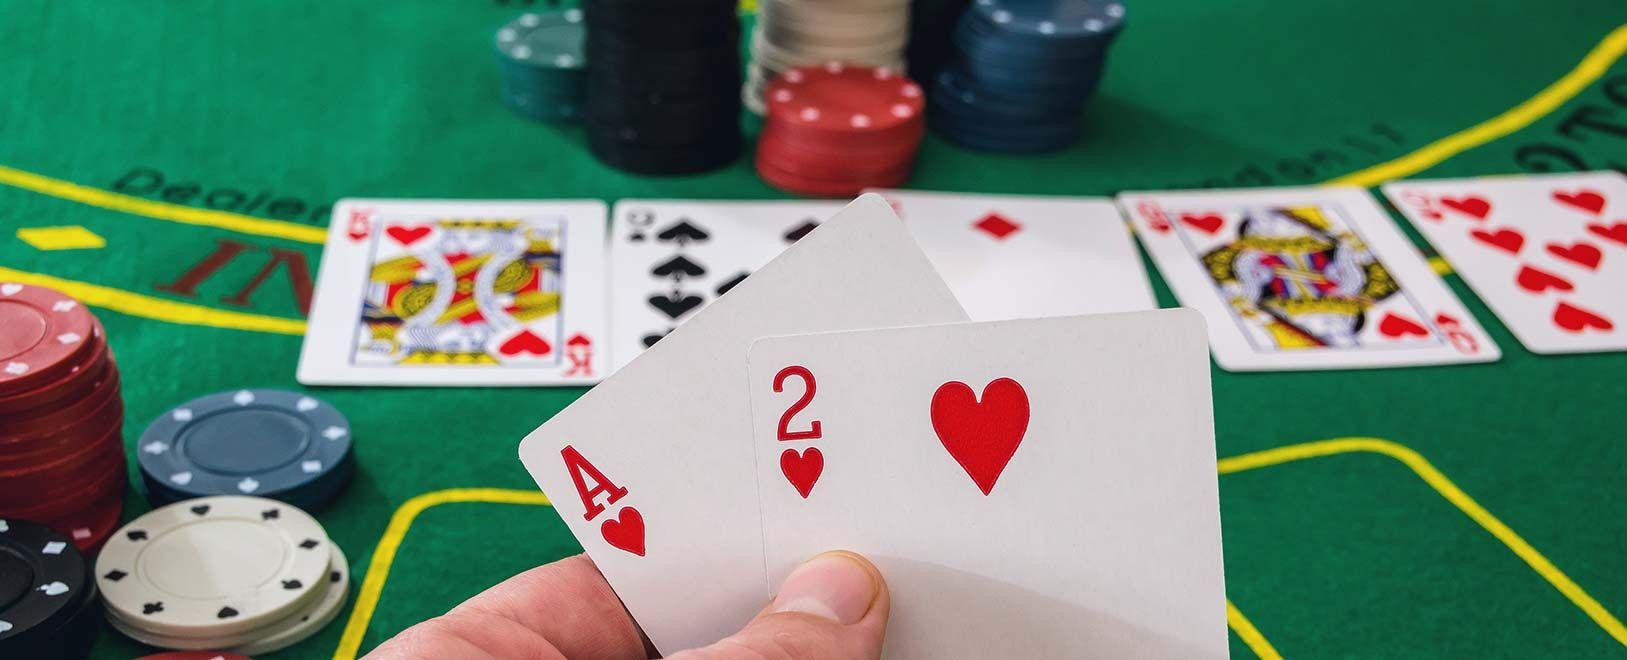 Bovada Poker App Review Money games, Online poker, Poker